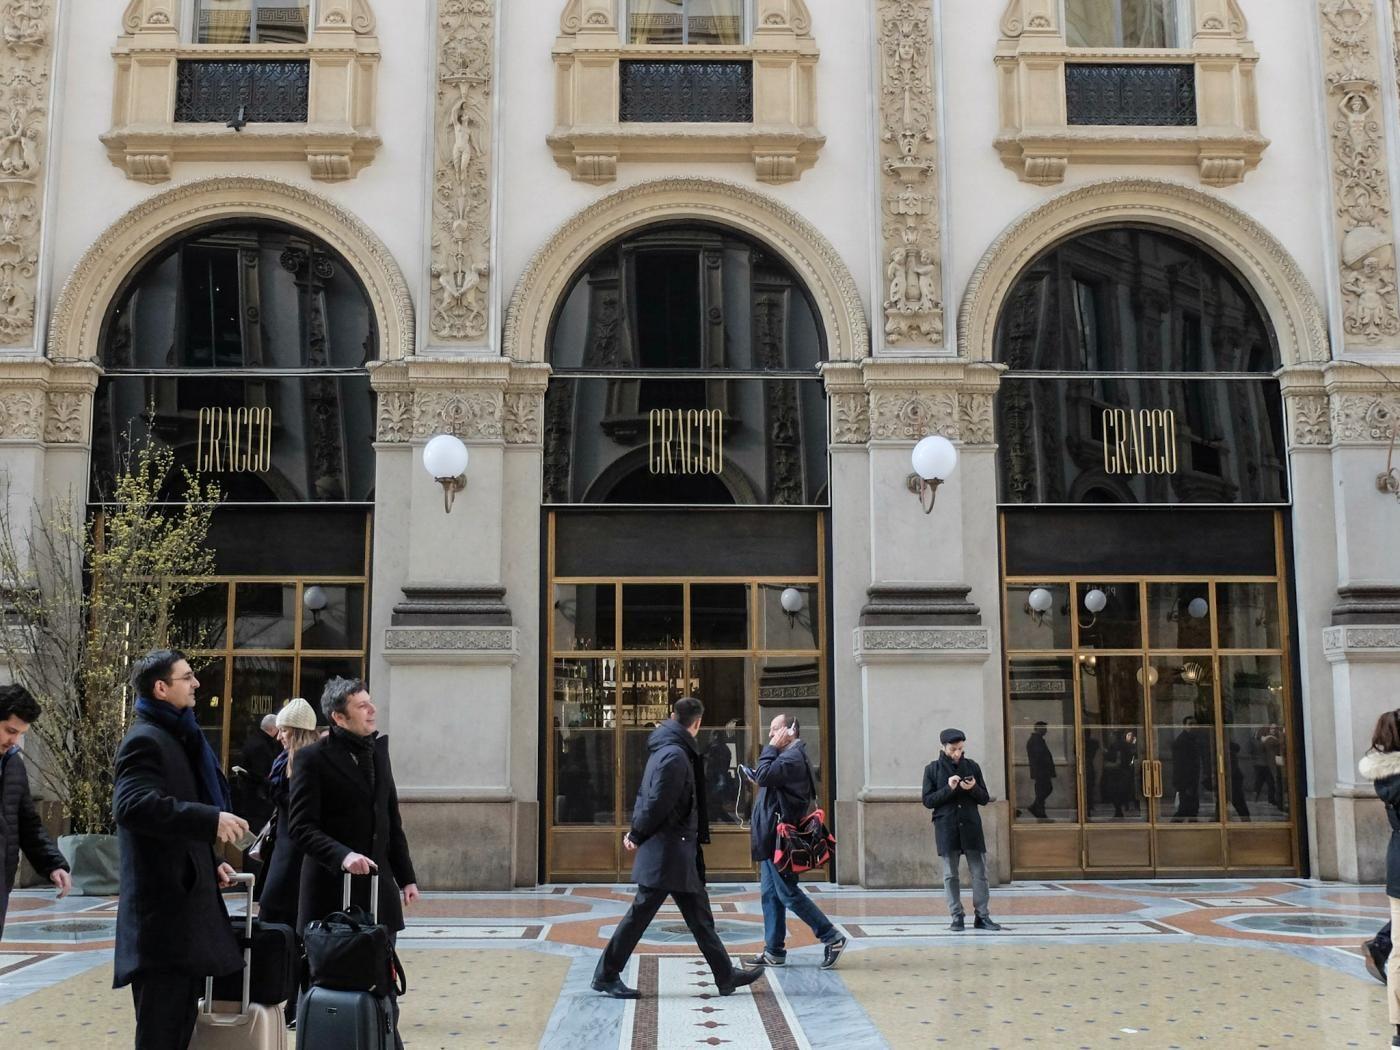 Milano nel ristorante Cracco in Galleria Vittorio Emanuele II